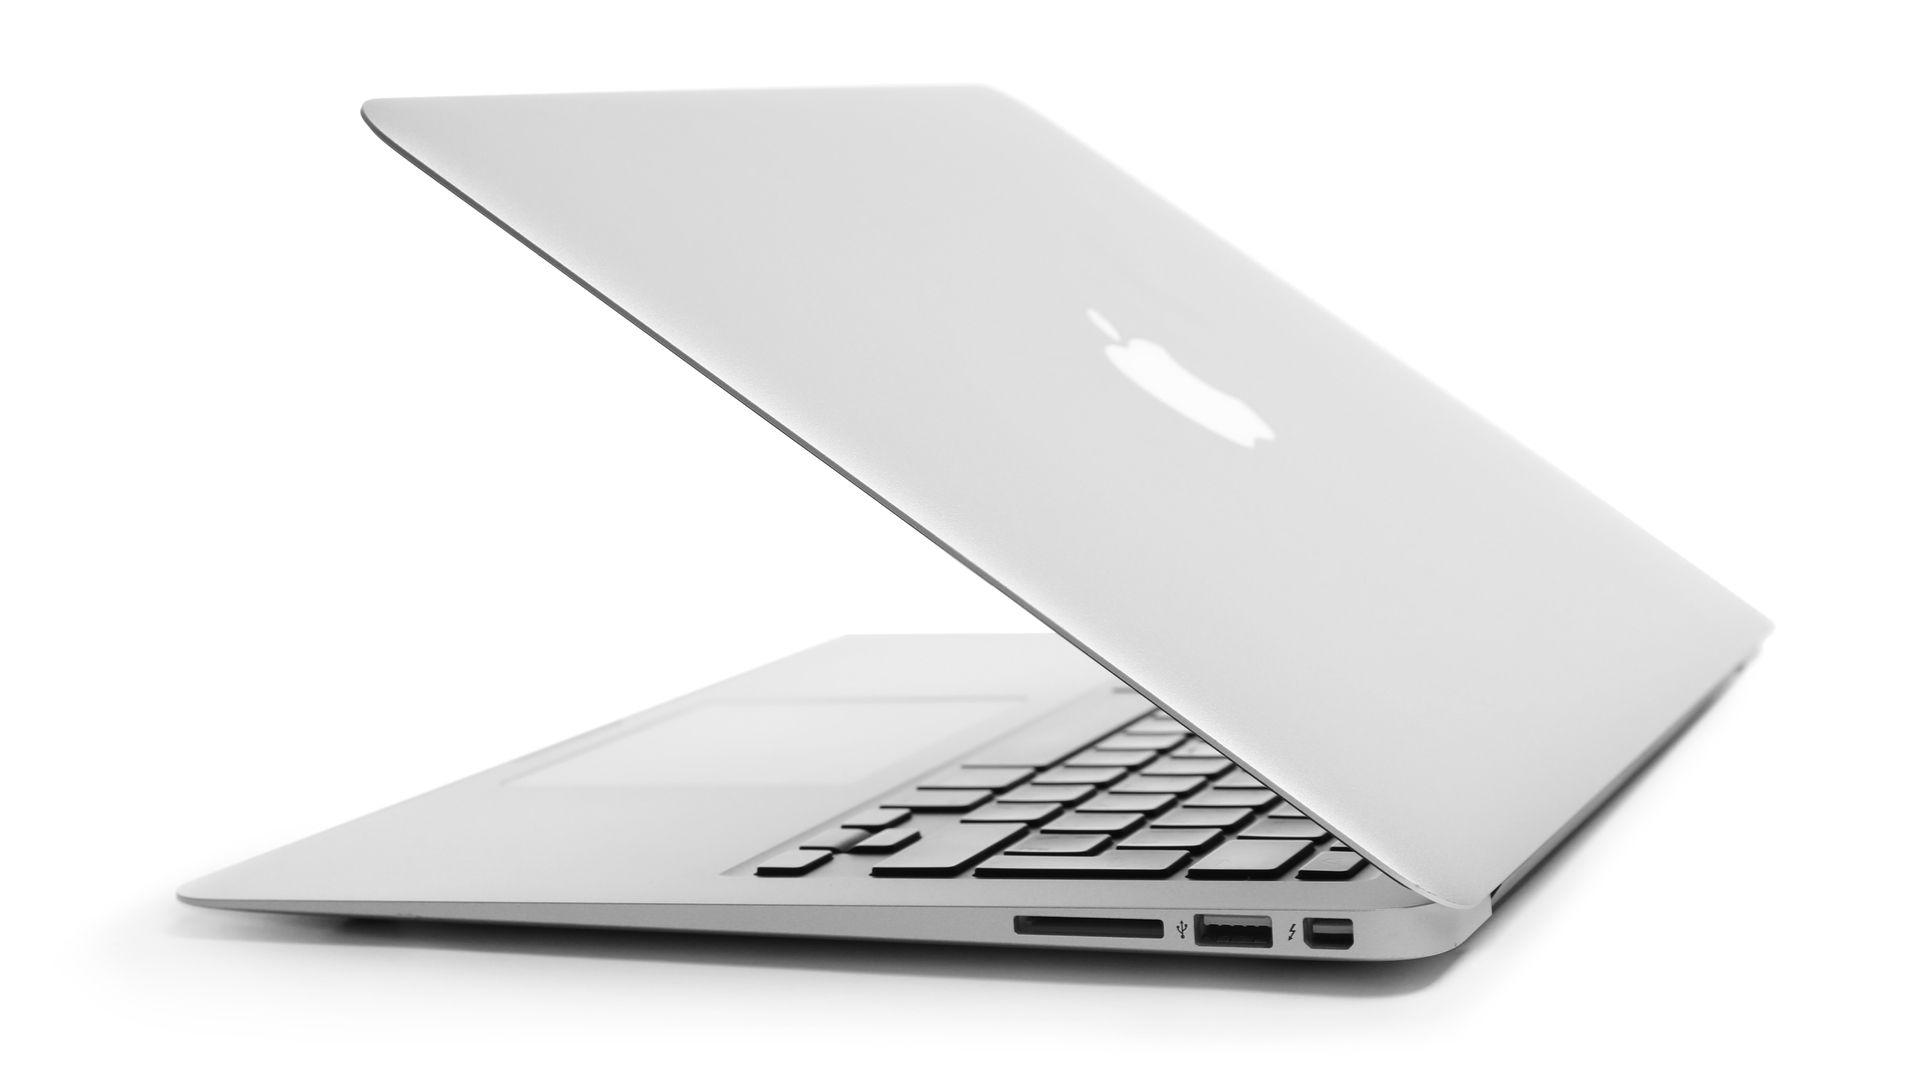 O design do Macbook Air 2017 não tem muitas diferenças para os modelos mais recentes (Shutterstock)